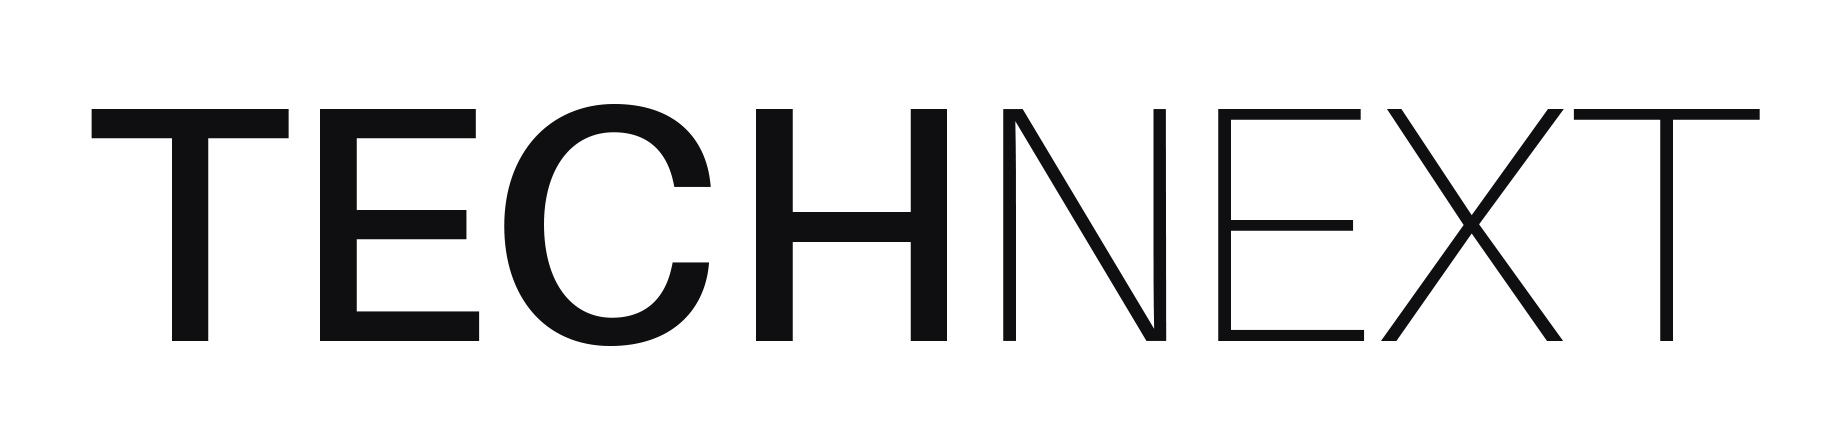 Logo TechNext